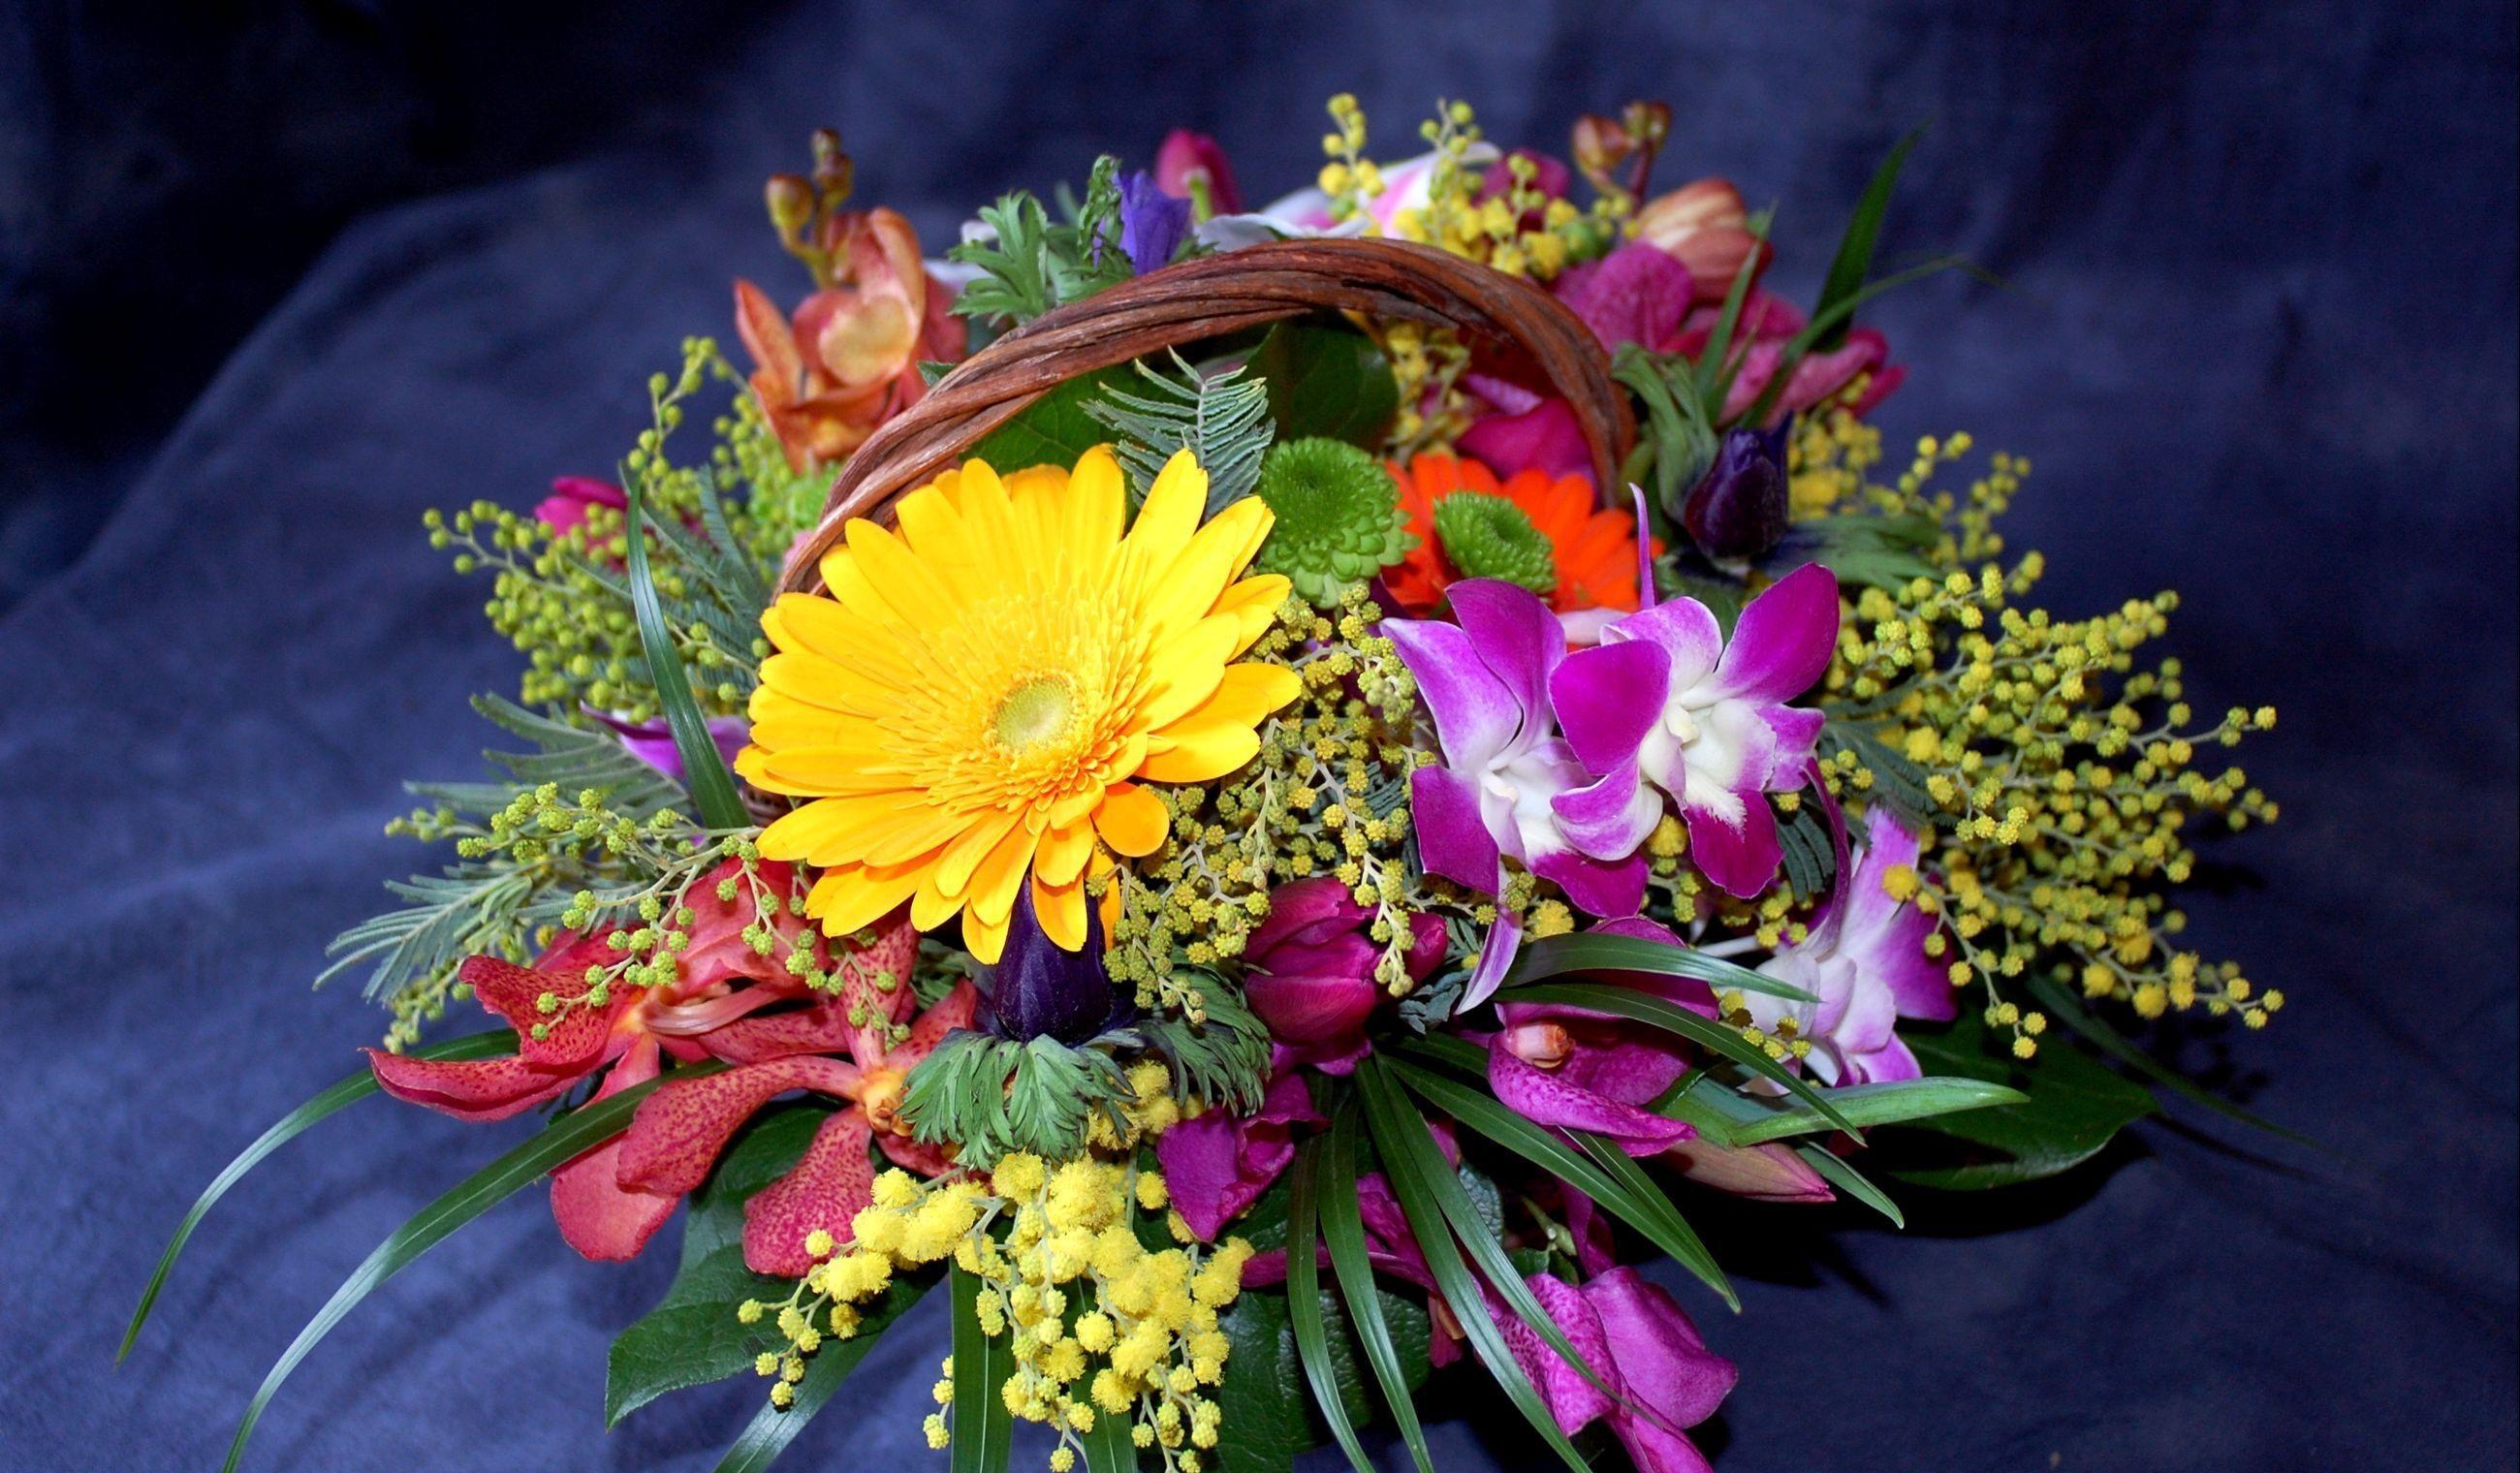 102930 скачать обои Цветы, Мимоза, Корзина, Композиция, Оформление, Хризантемы, Герберы - заставки и картинки бесплатно